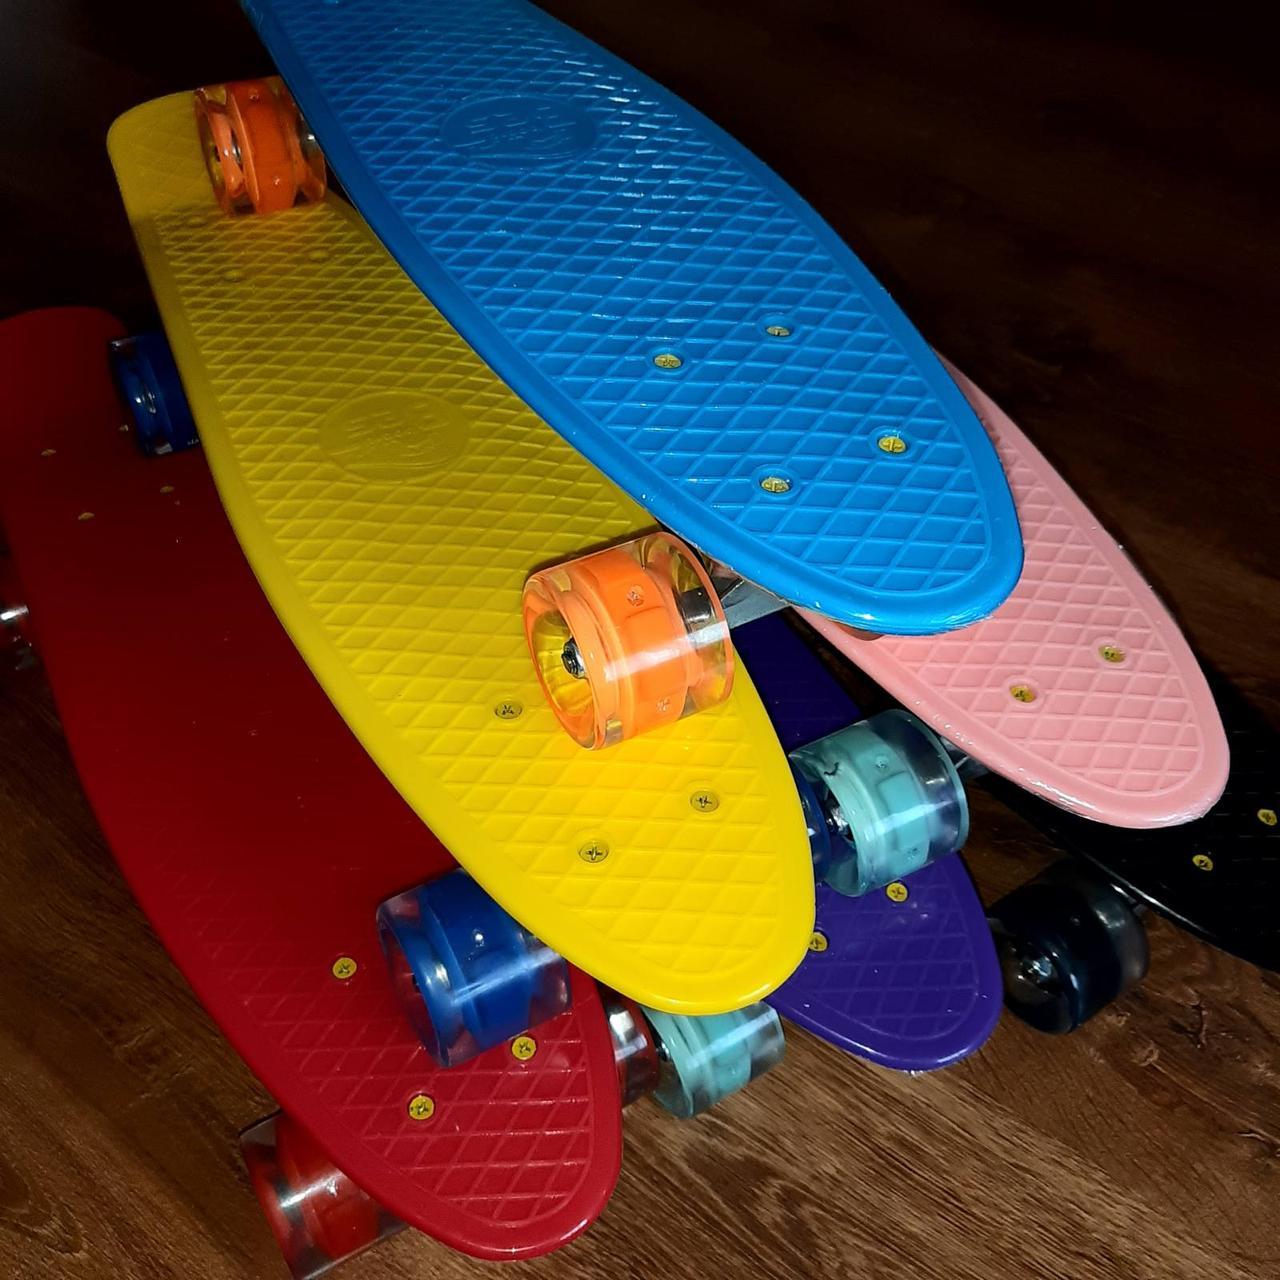 Дитячий пенні борд / Penny Board / скейт з світяться колеса для дитини